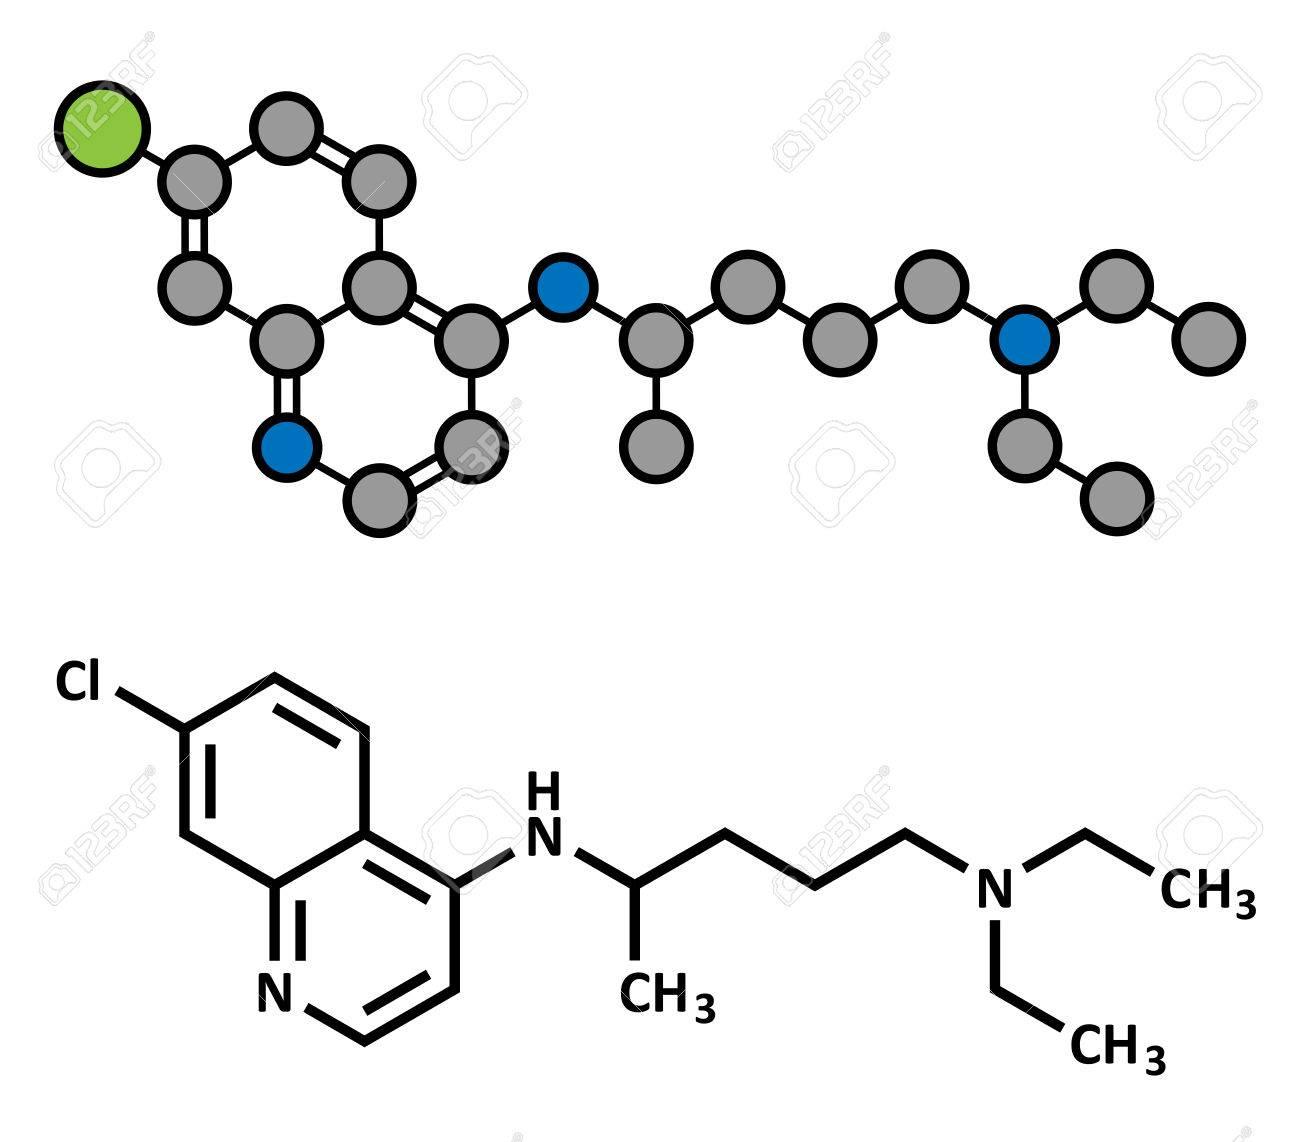 hydrochlorothiazide formal name